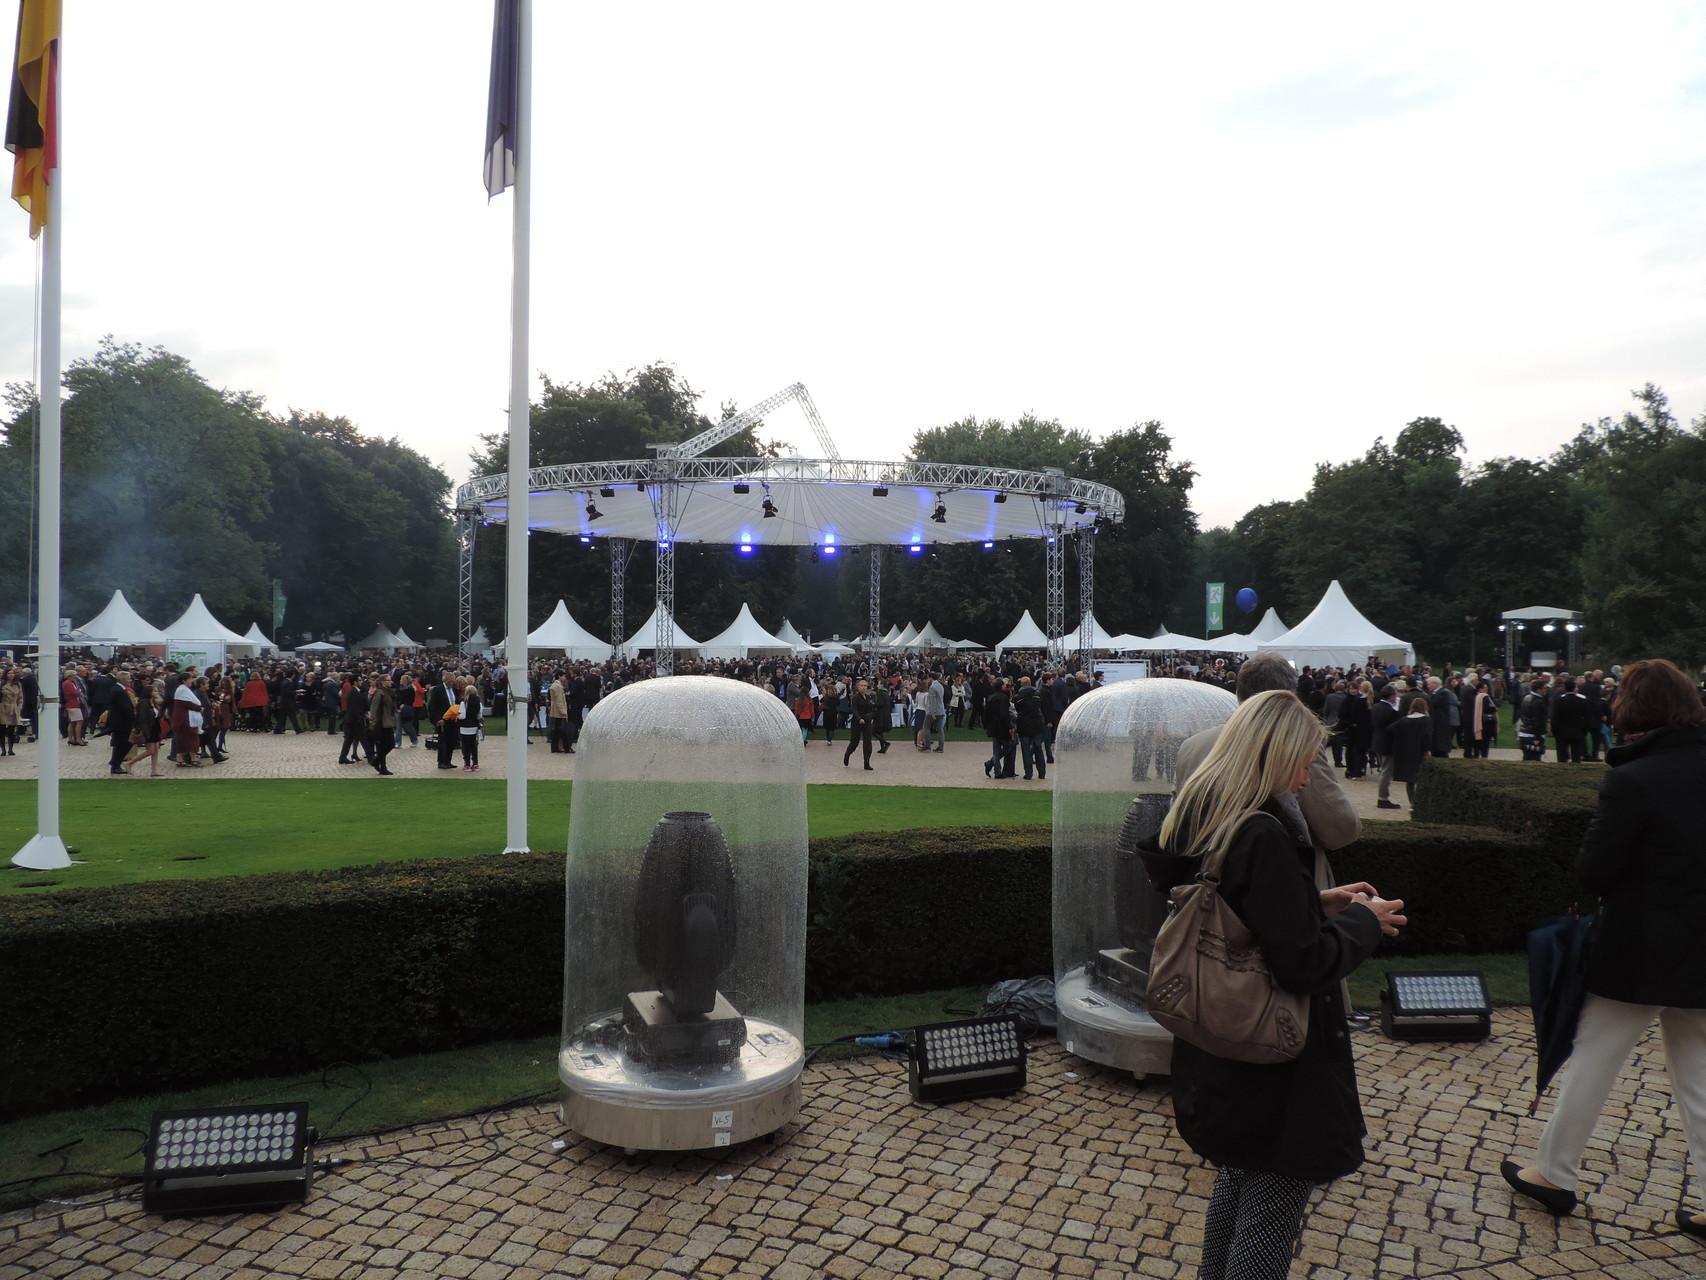 Der gigantische Platz vor der Hauptbühne mit zahlreichen Zelten. Hier stellten sich viele bekannte soziale Organisationen und Unternehmen vor. Außerdem gab es Essen und Getränke kosten- und grenzenlos :P